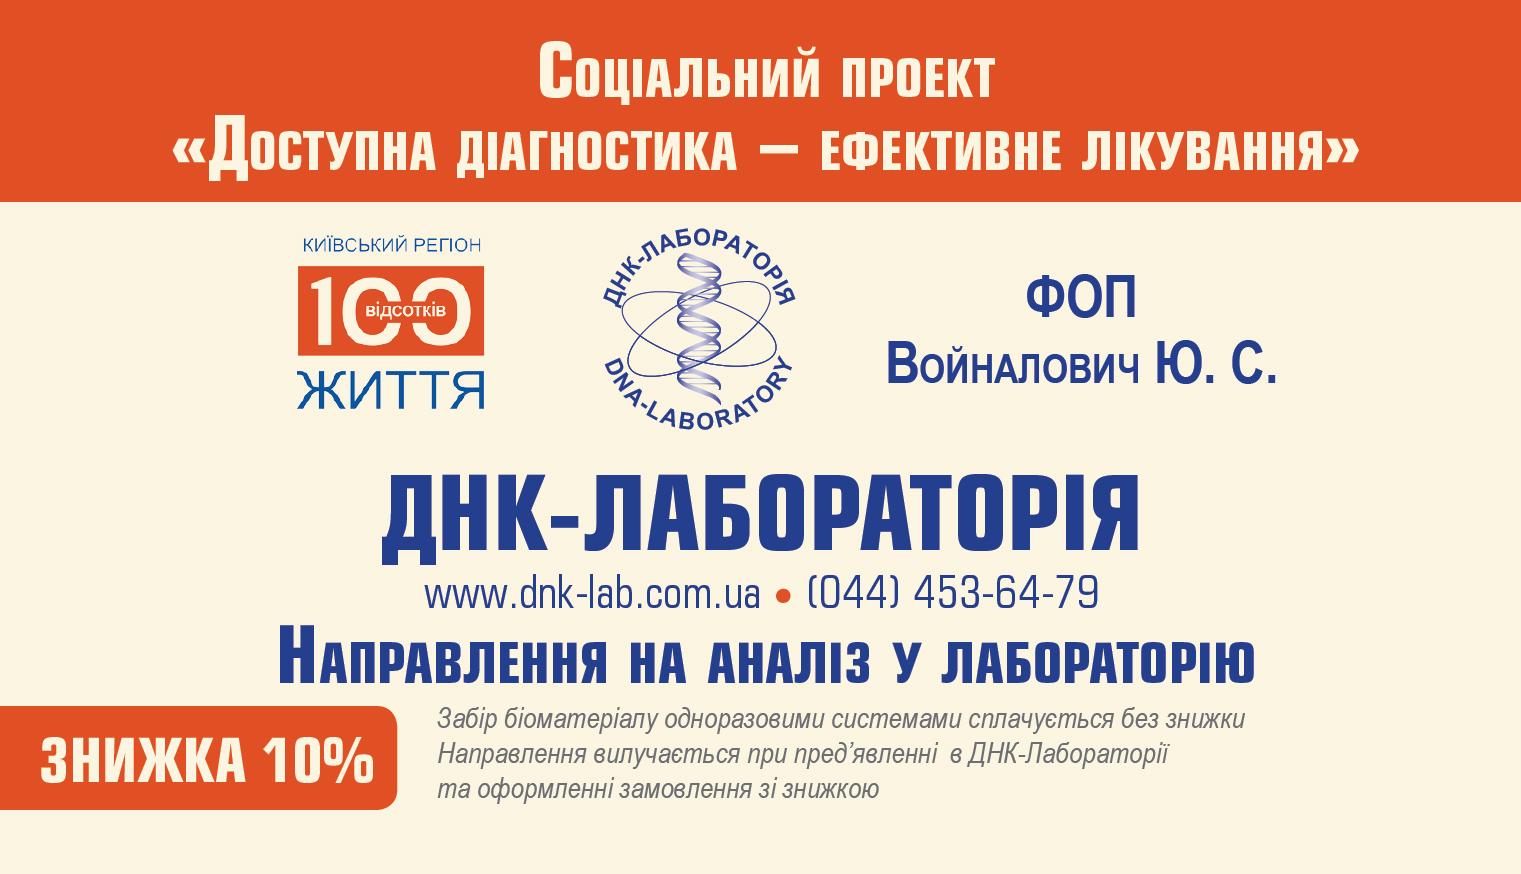 В Киеве Пациенты получат скидку на диагностику гепатита С